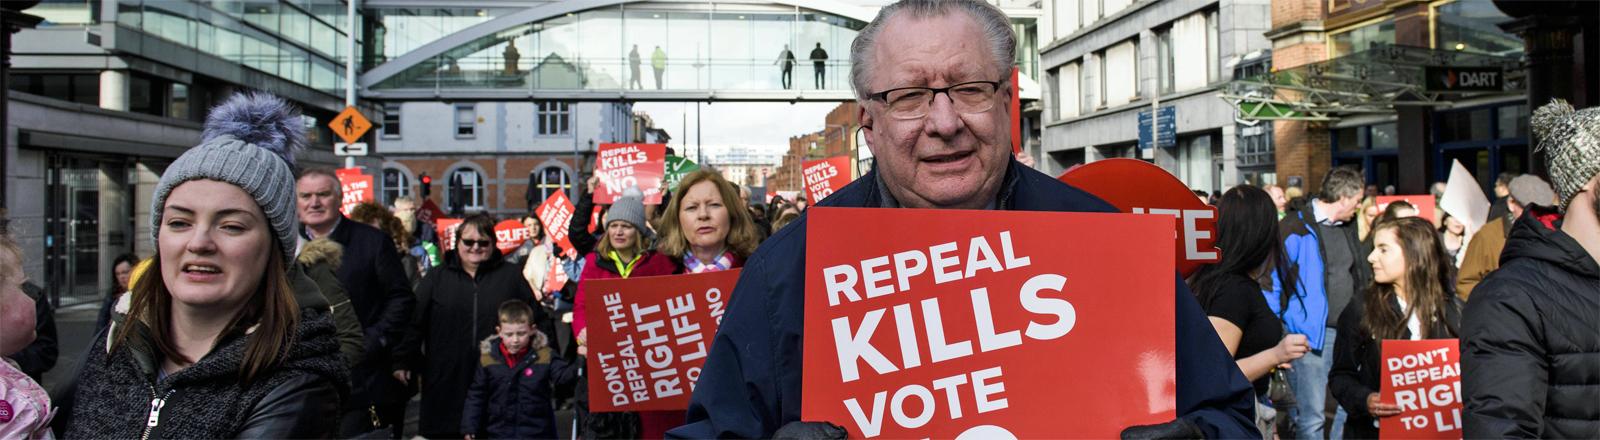 Abtreibungsgegner im irischen Dublin im März 2018